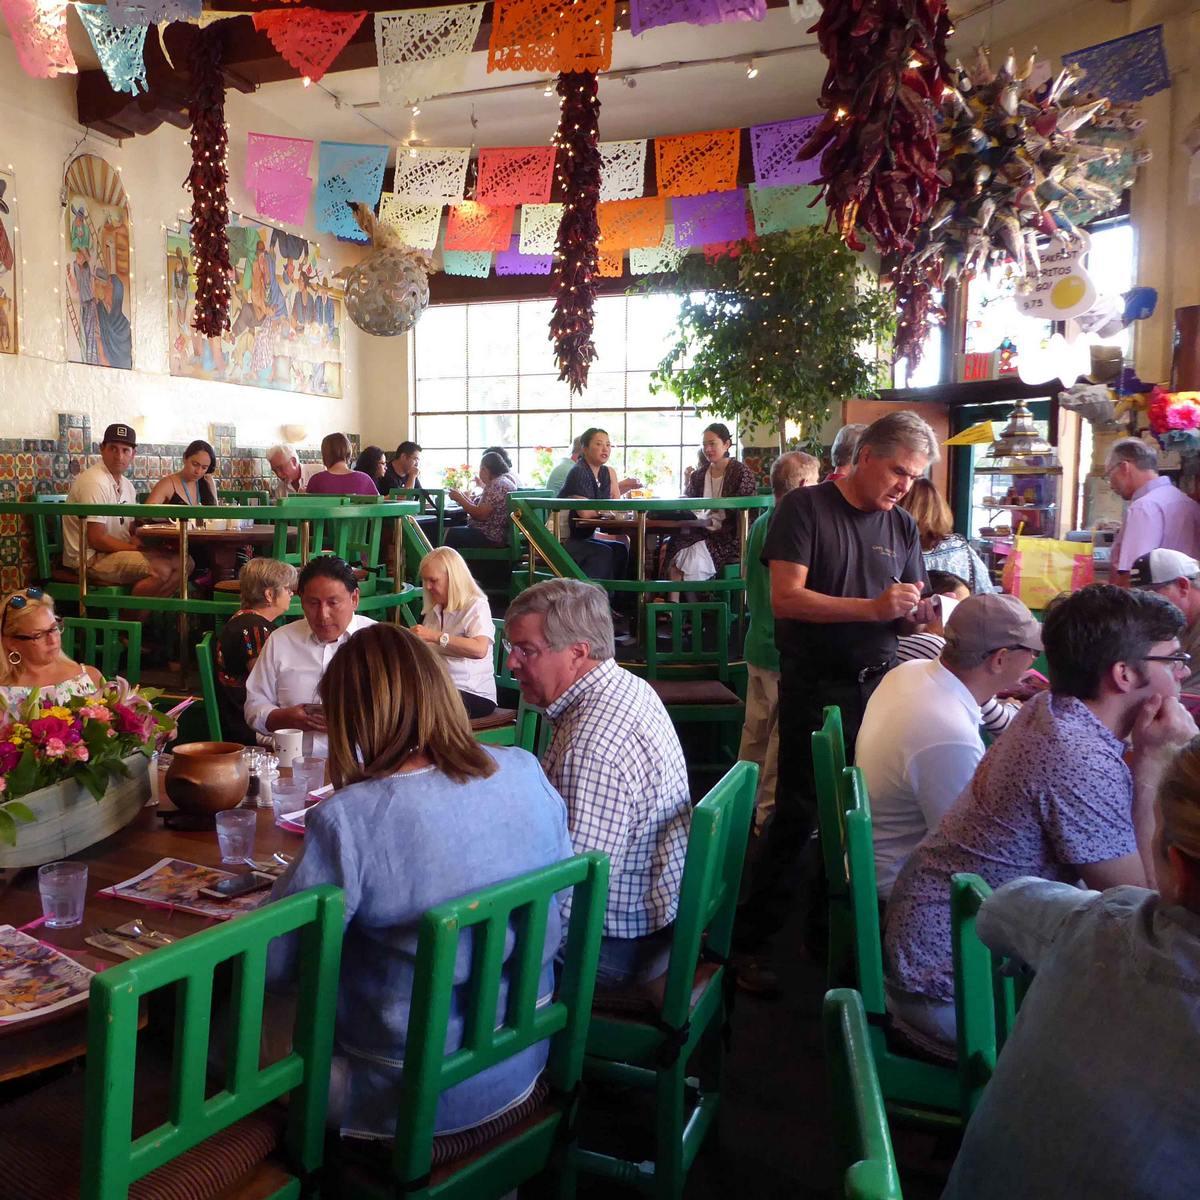 Interior of Cafe Pasqual's in Santa Fe